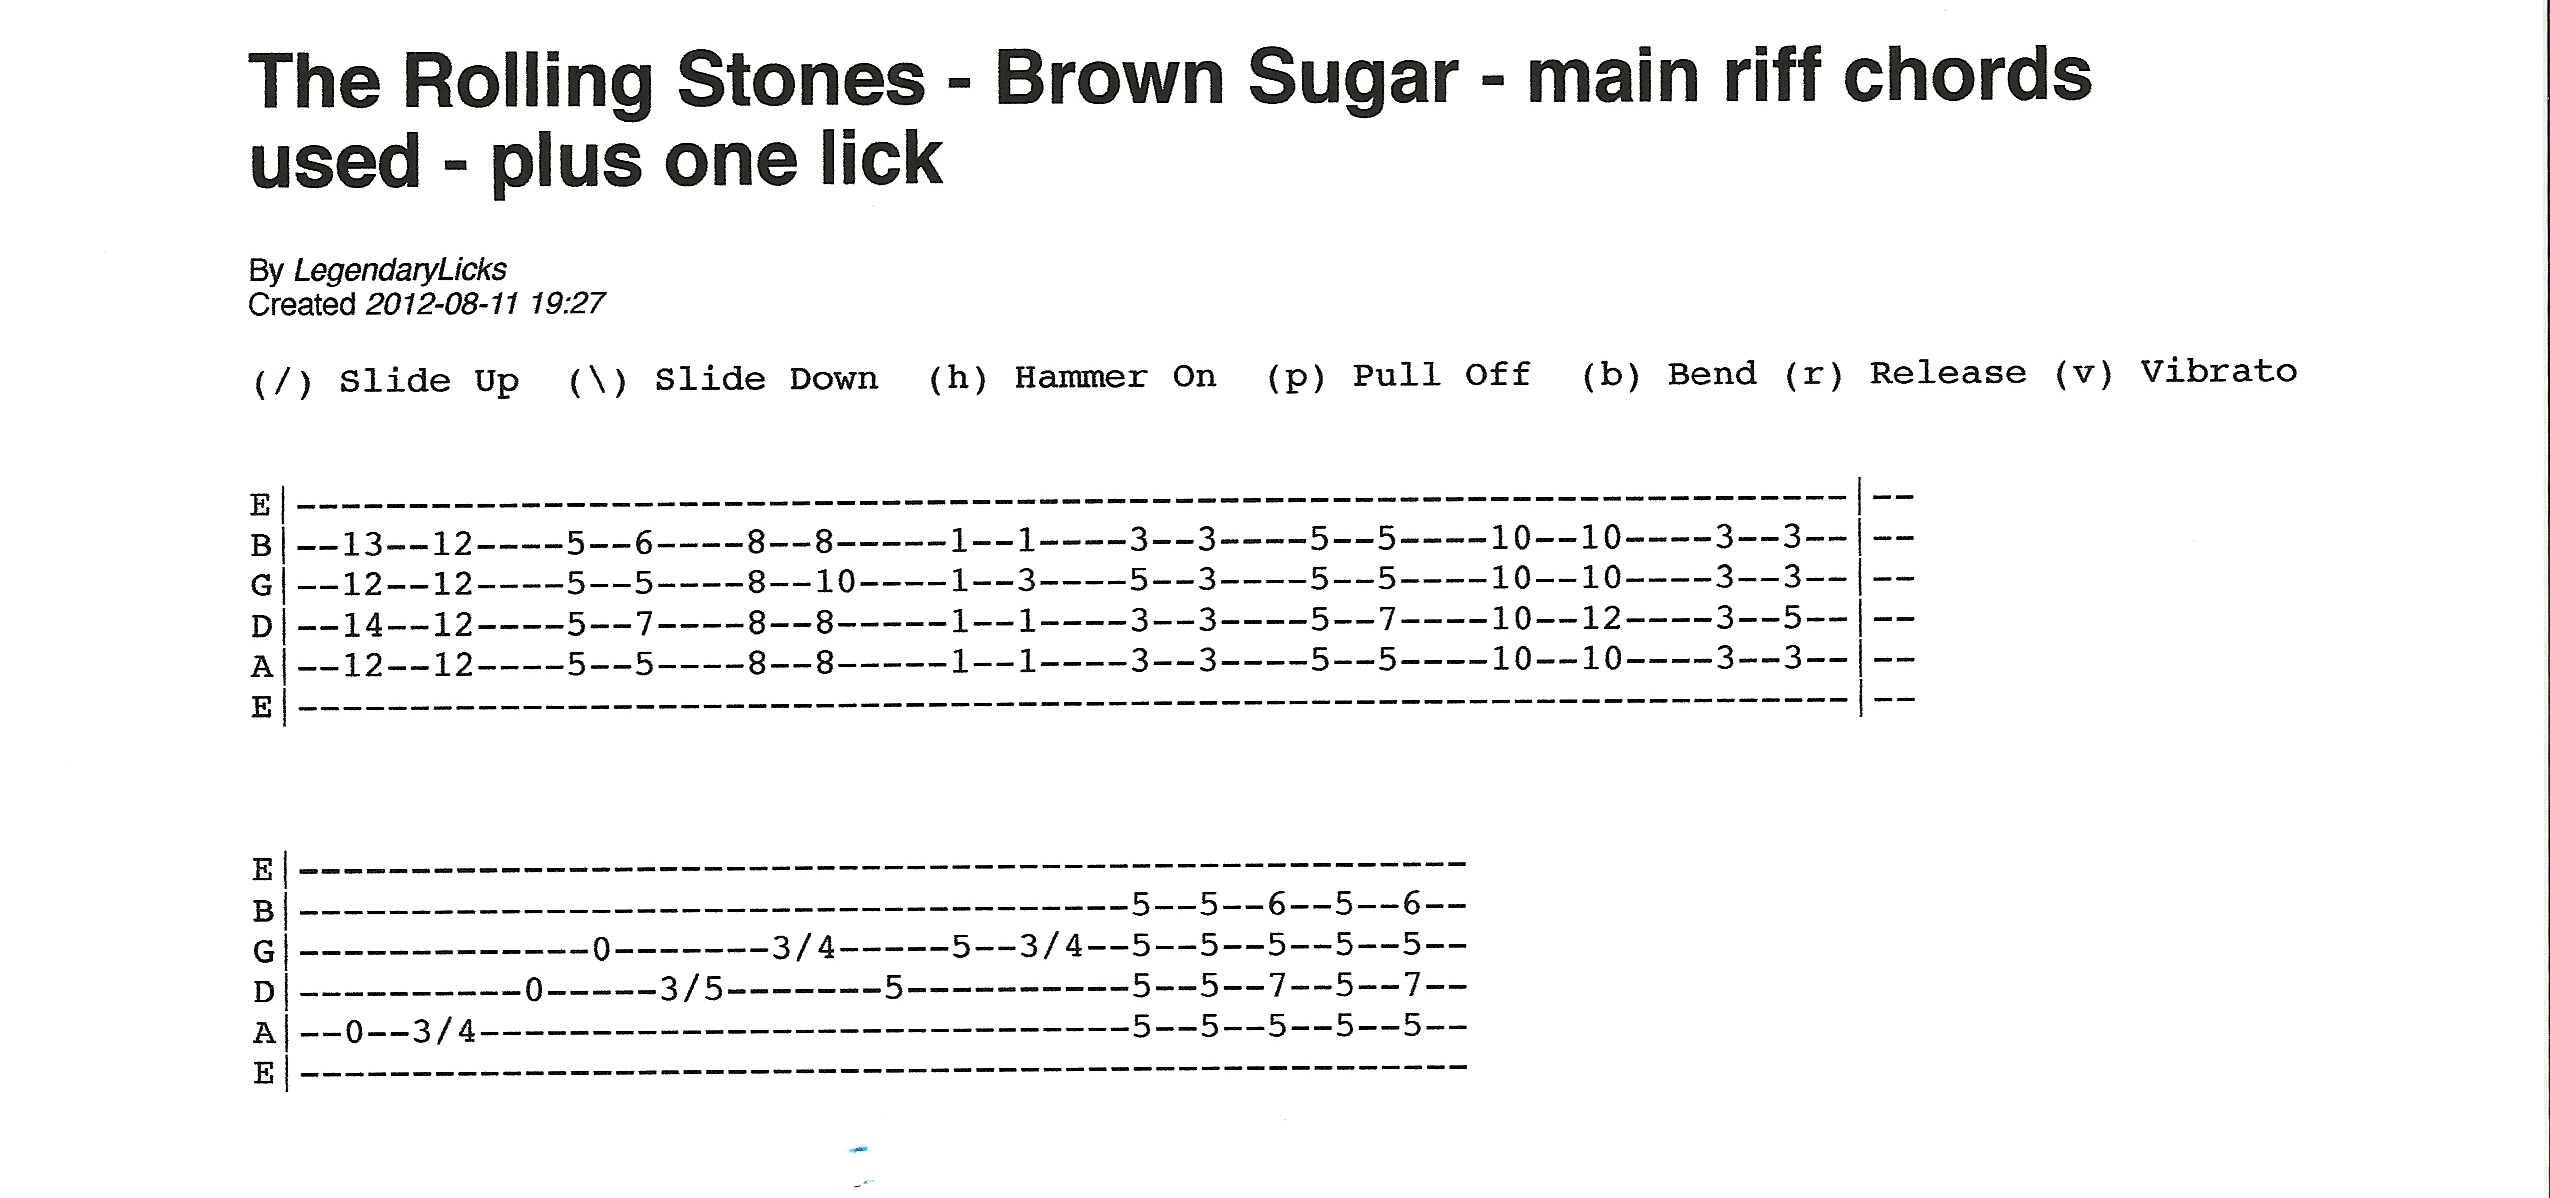 Brown Sugar Guitar Chords Rick Mccargars Guitar Licks Songs And